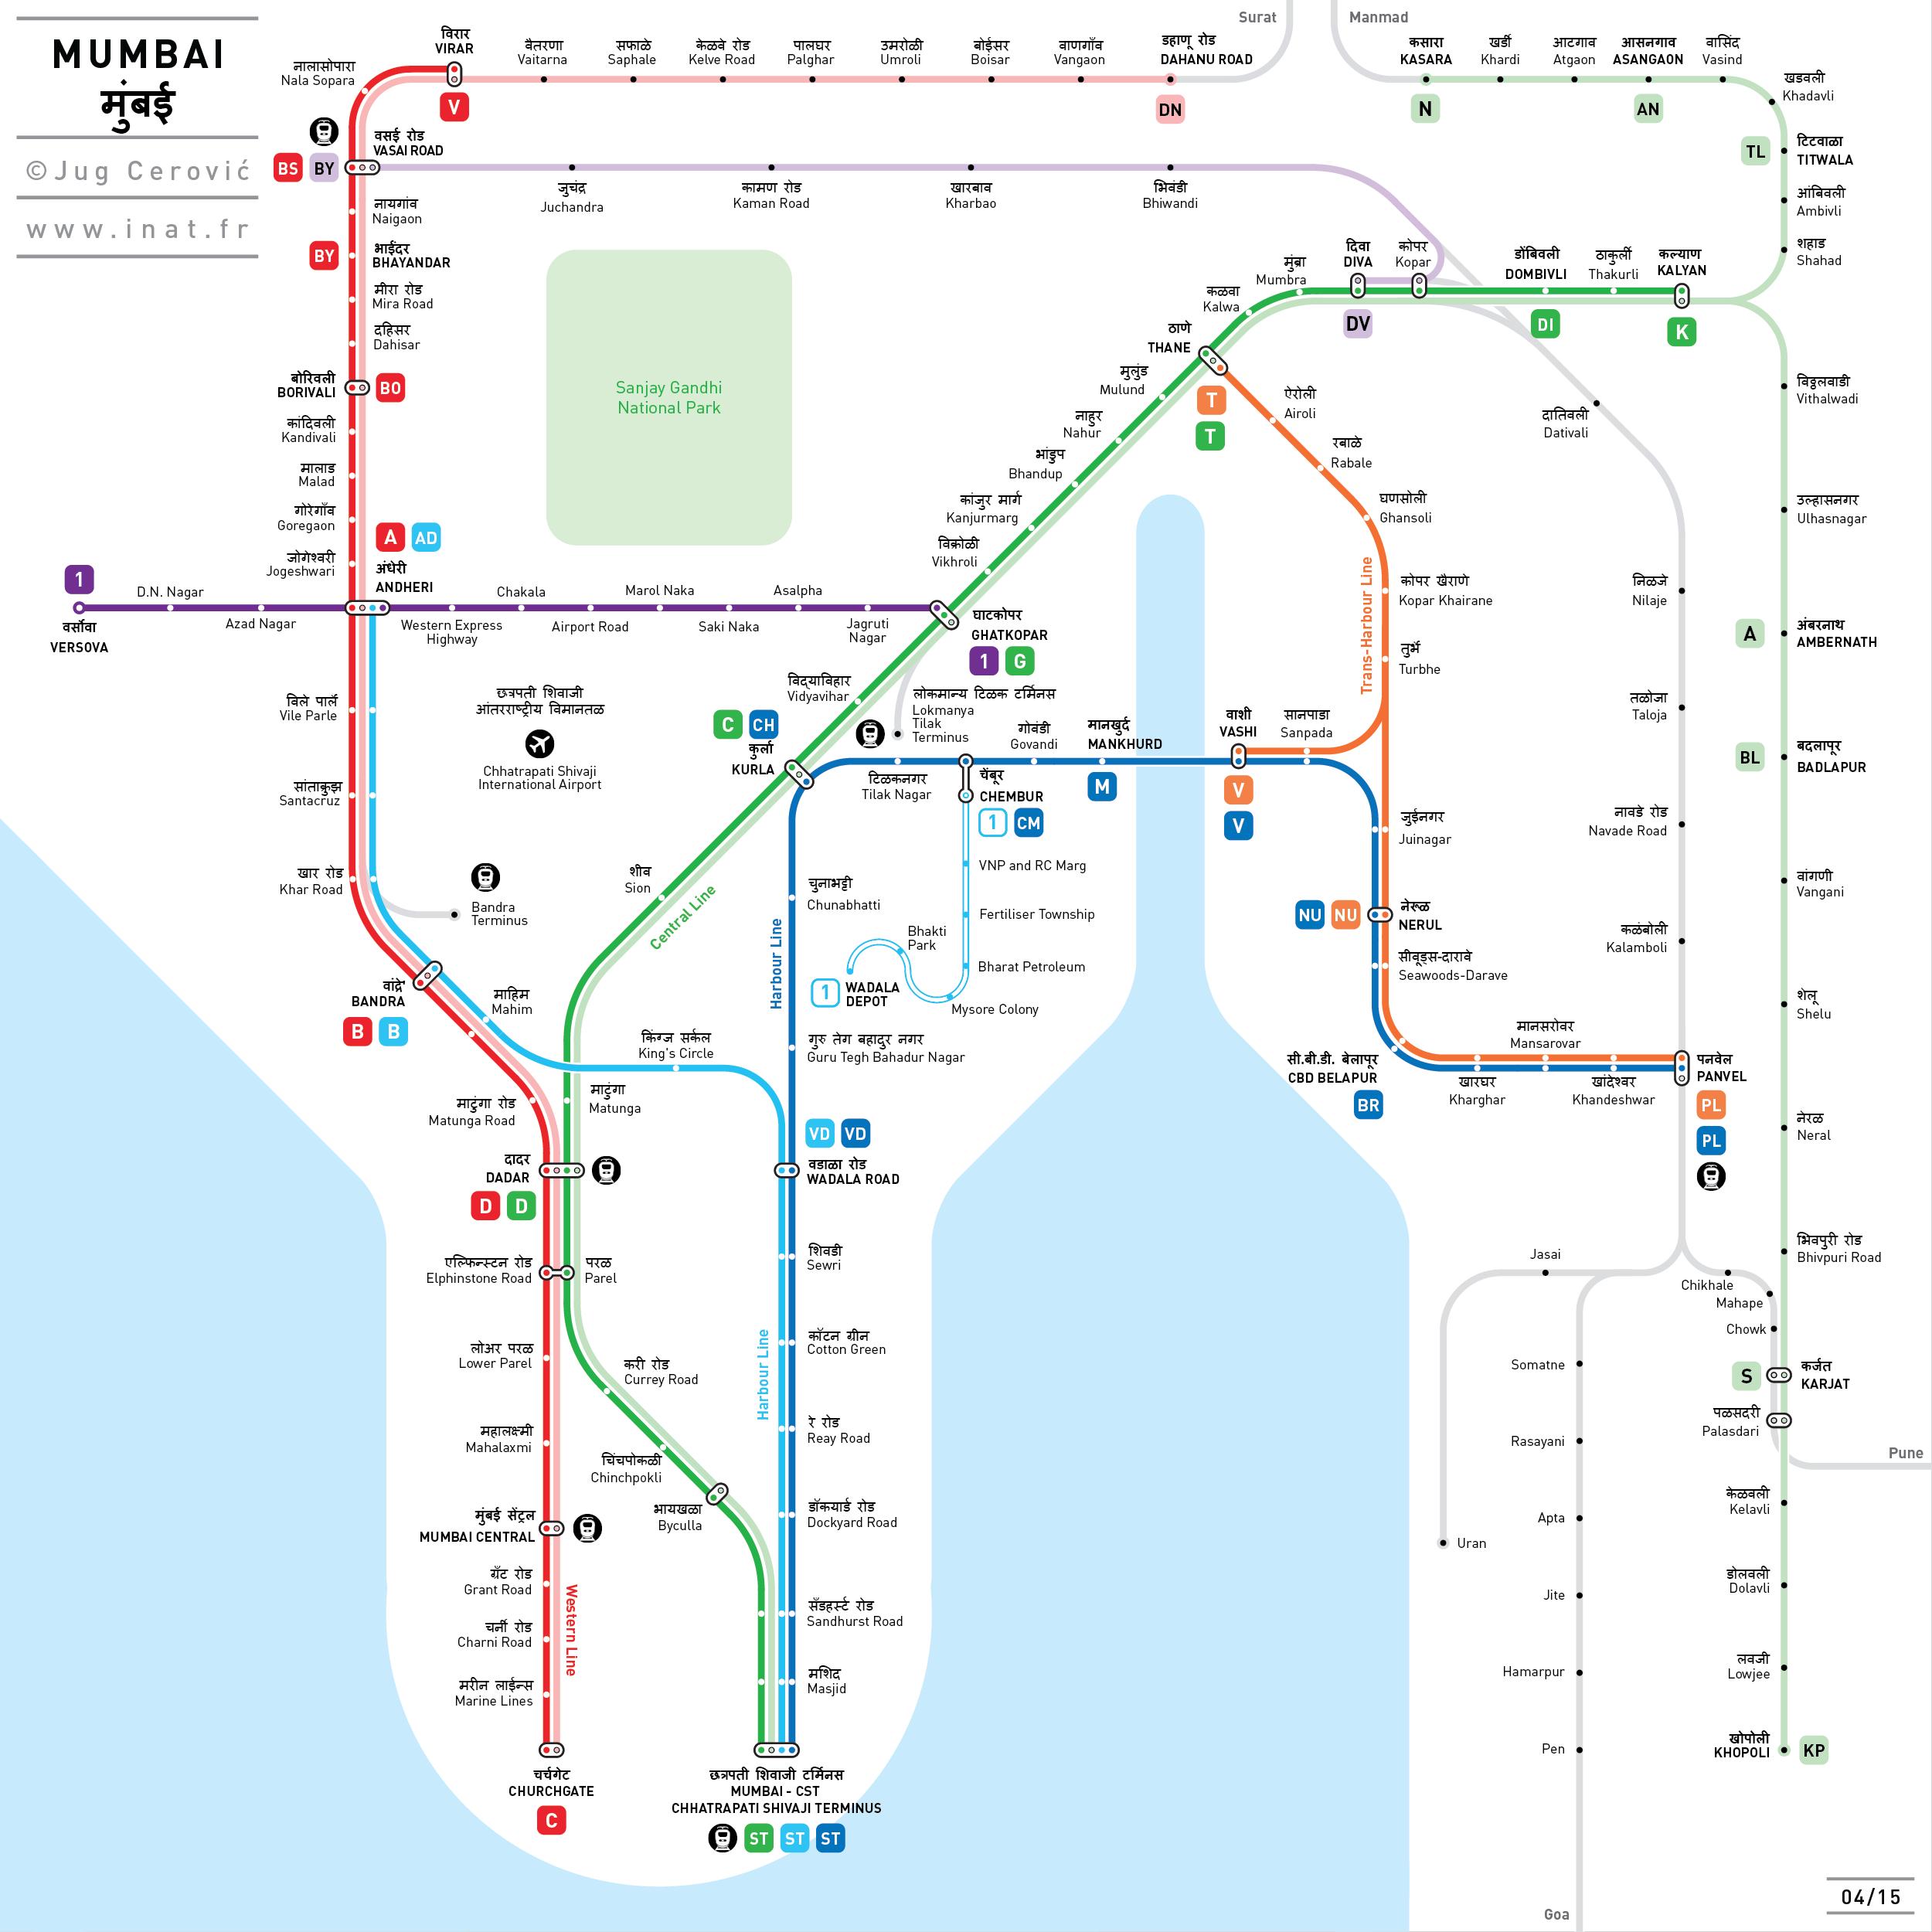 Mumbai Subway Map.Mumbai Inat Metro Map Inat Metro Maps Pinterest Mumbai Metro